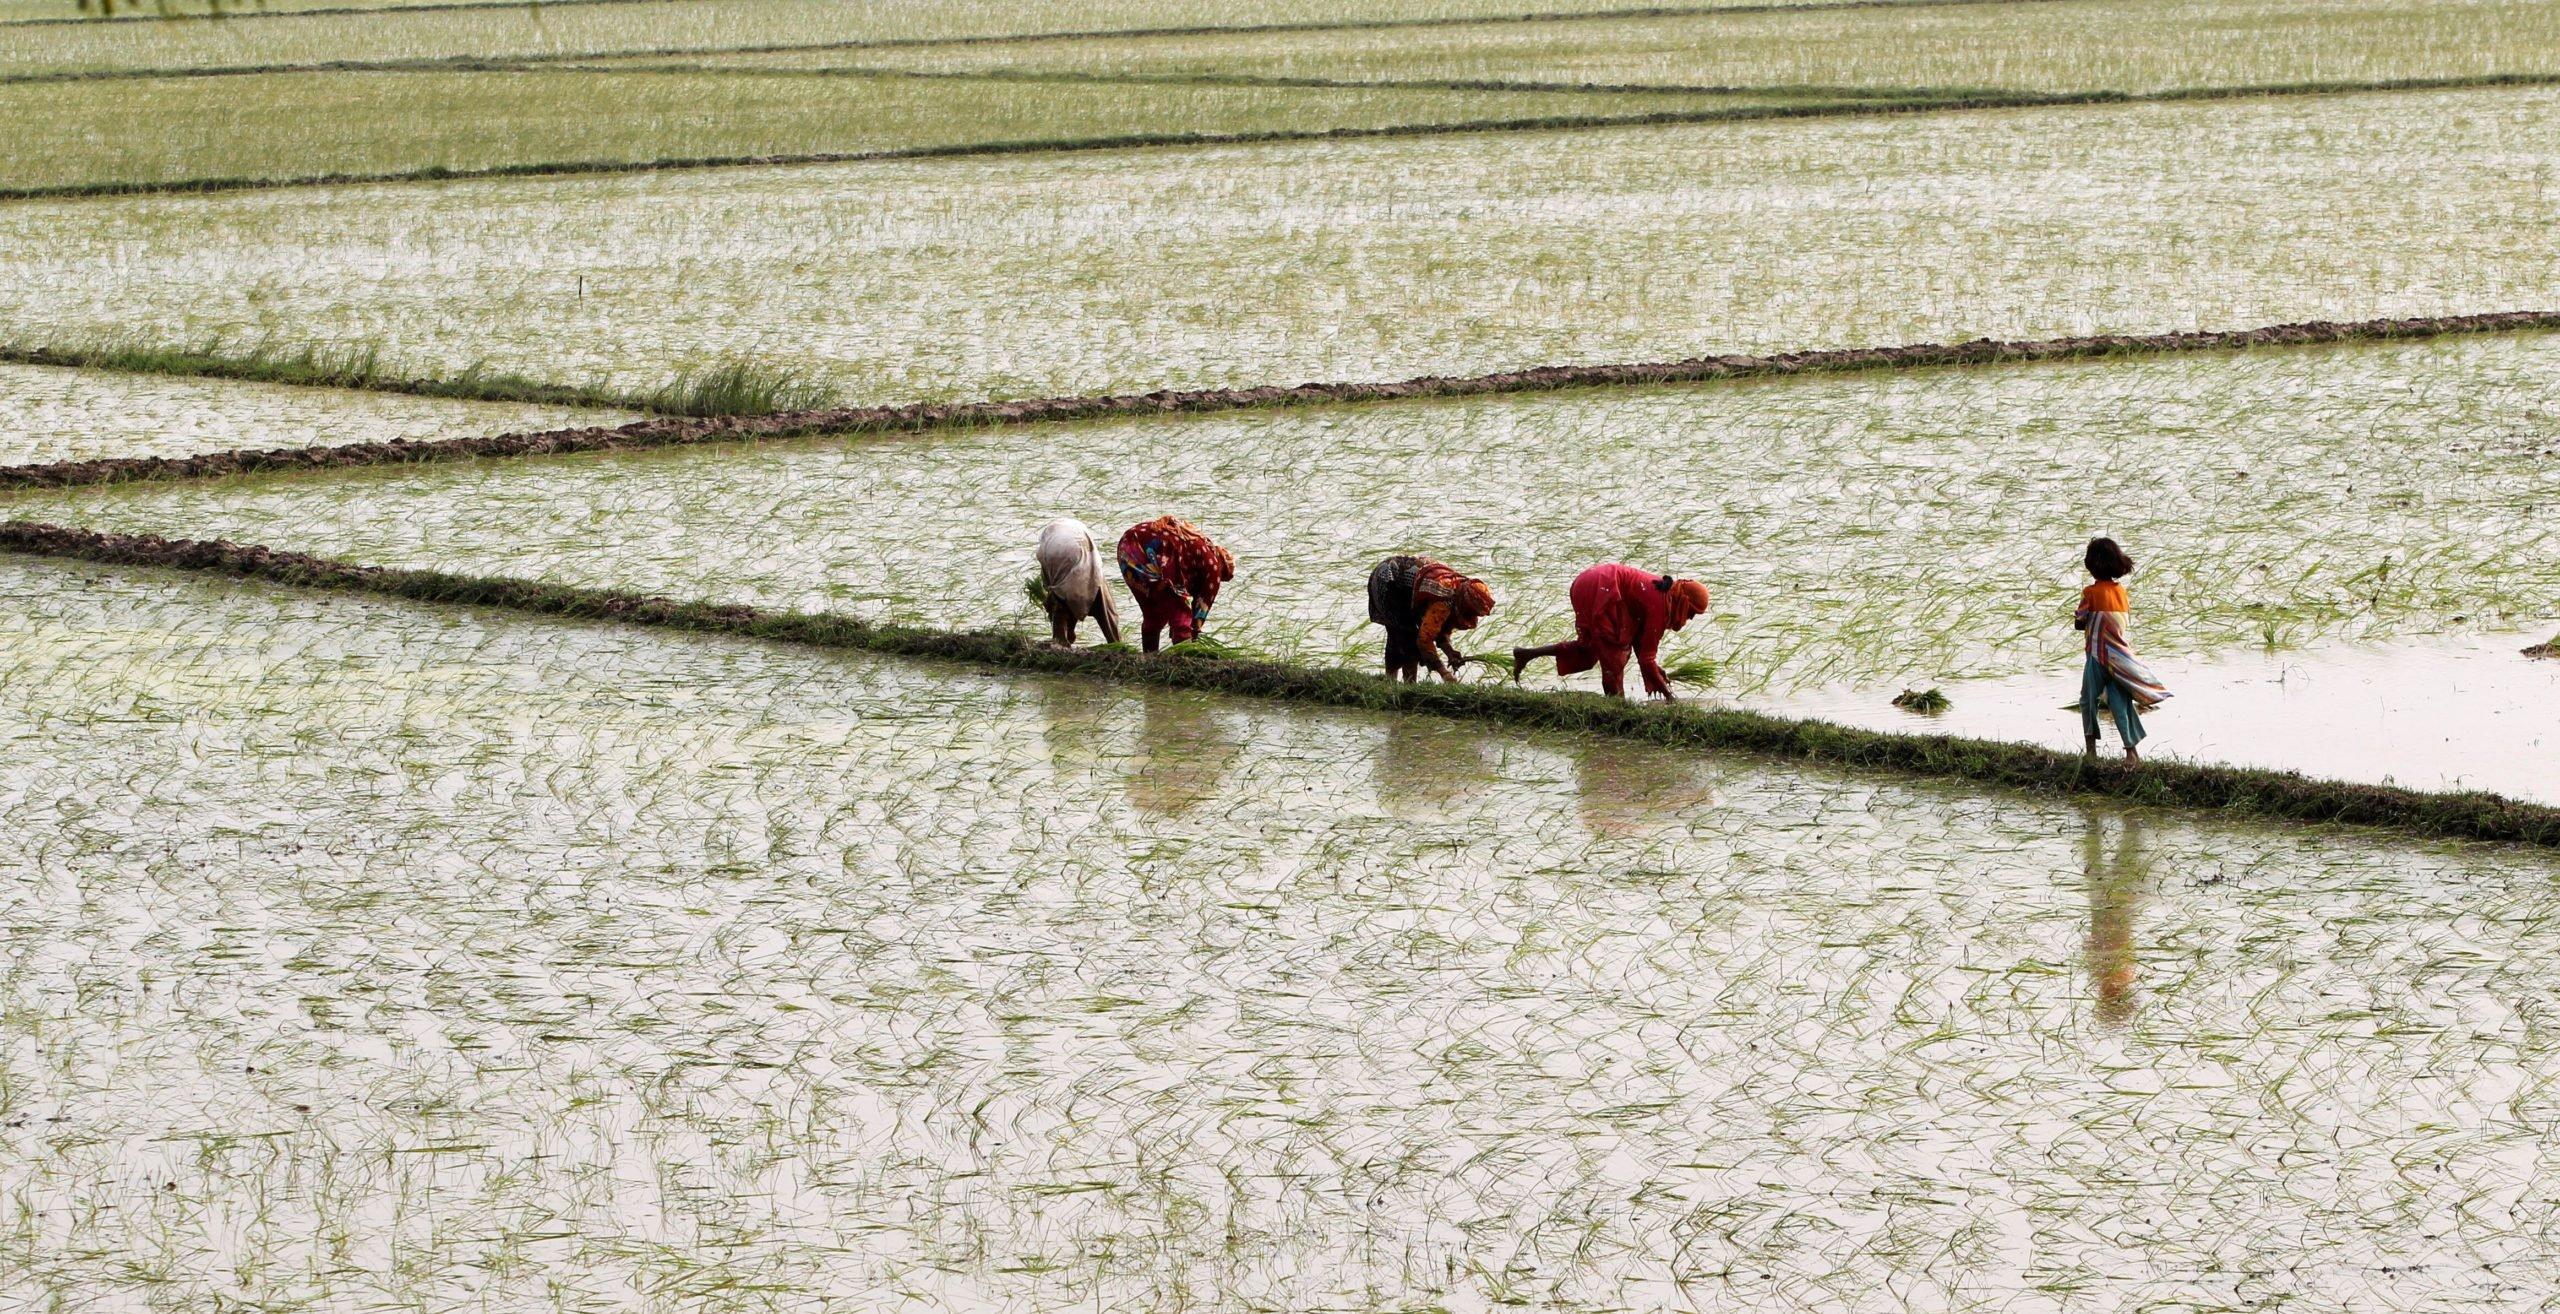 Women plant rice in a field outside Lahore, Pakistan, Caren Firouz